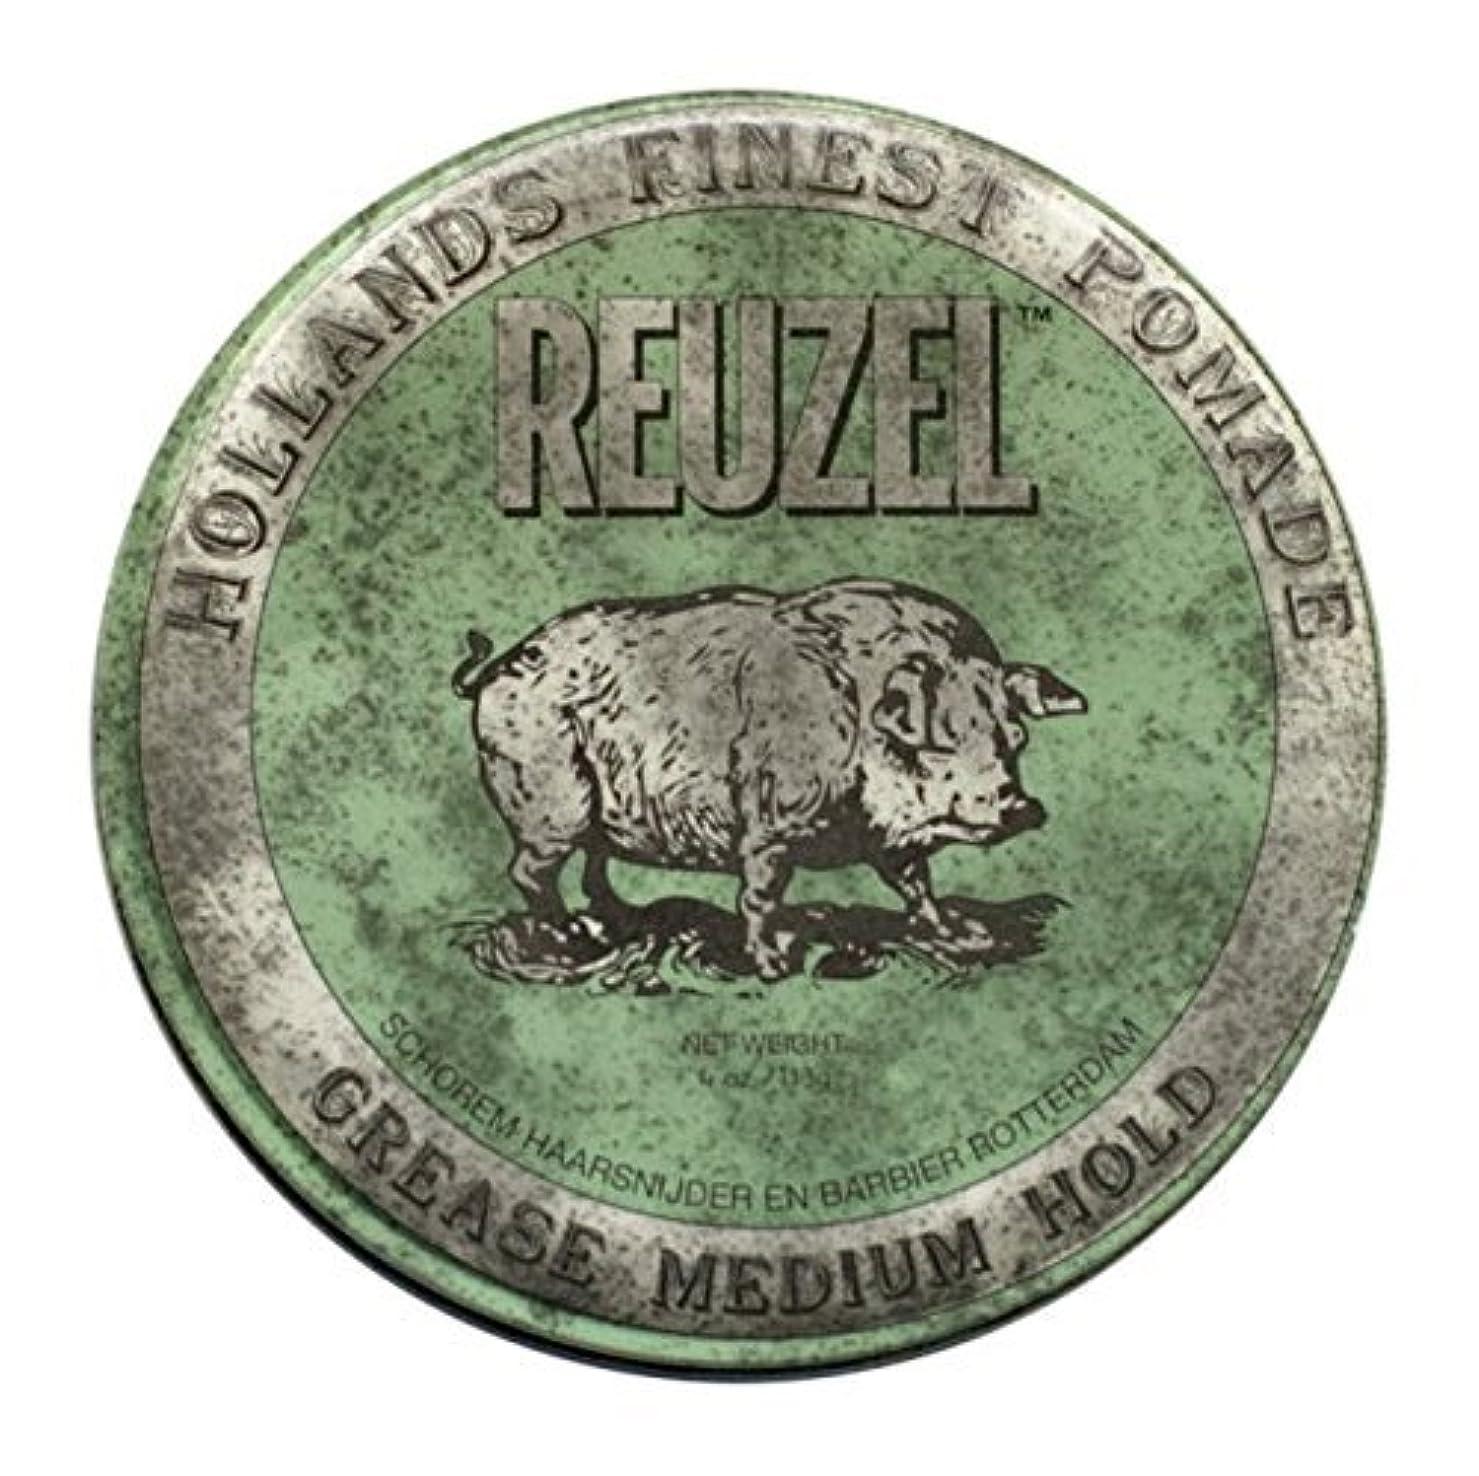 予算シネマ有名なREUZEL Grease Hold Hair Styling Pomade Piglet Wax/Gel, Medium, Green, 1.3 oz, 35g [並行輸入品]